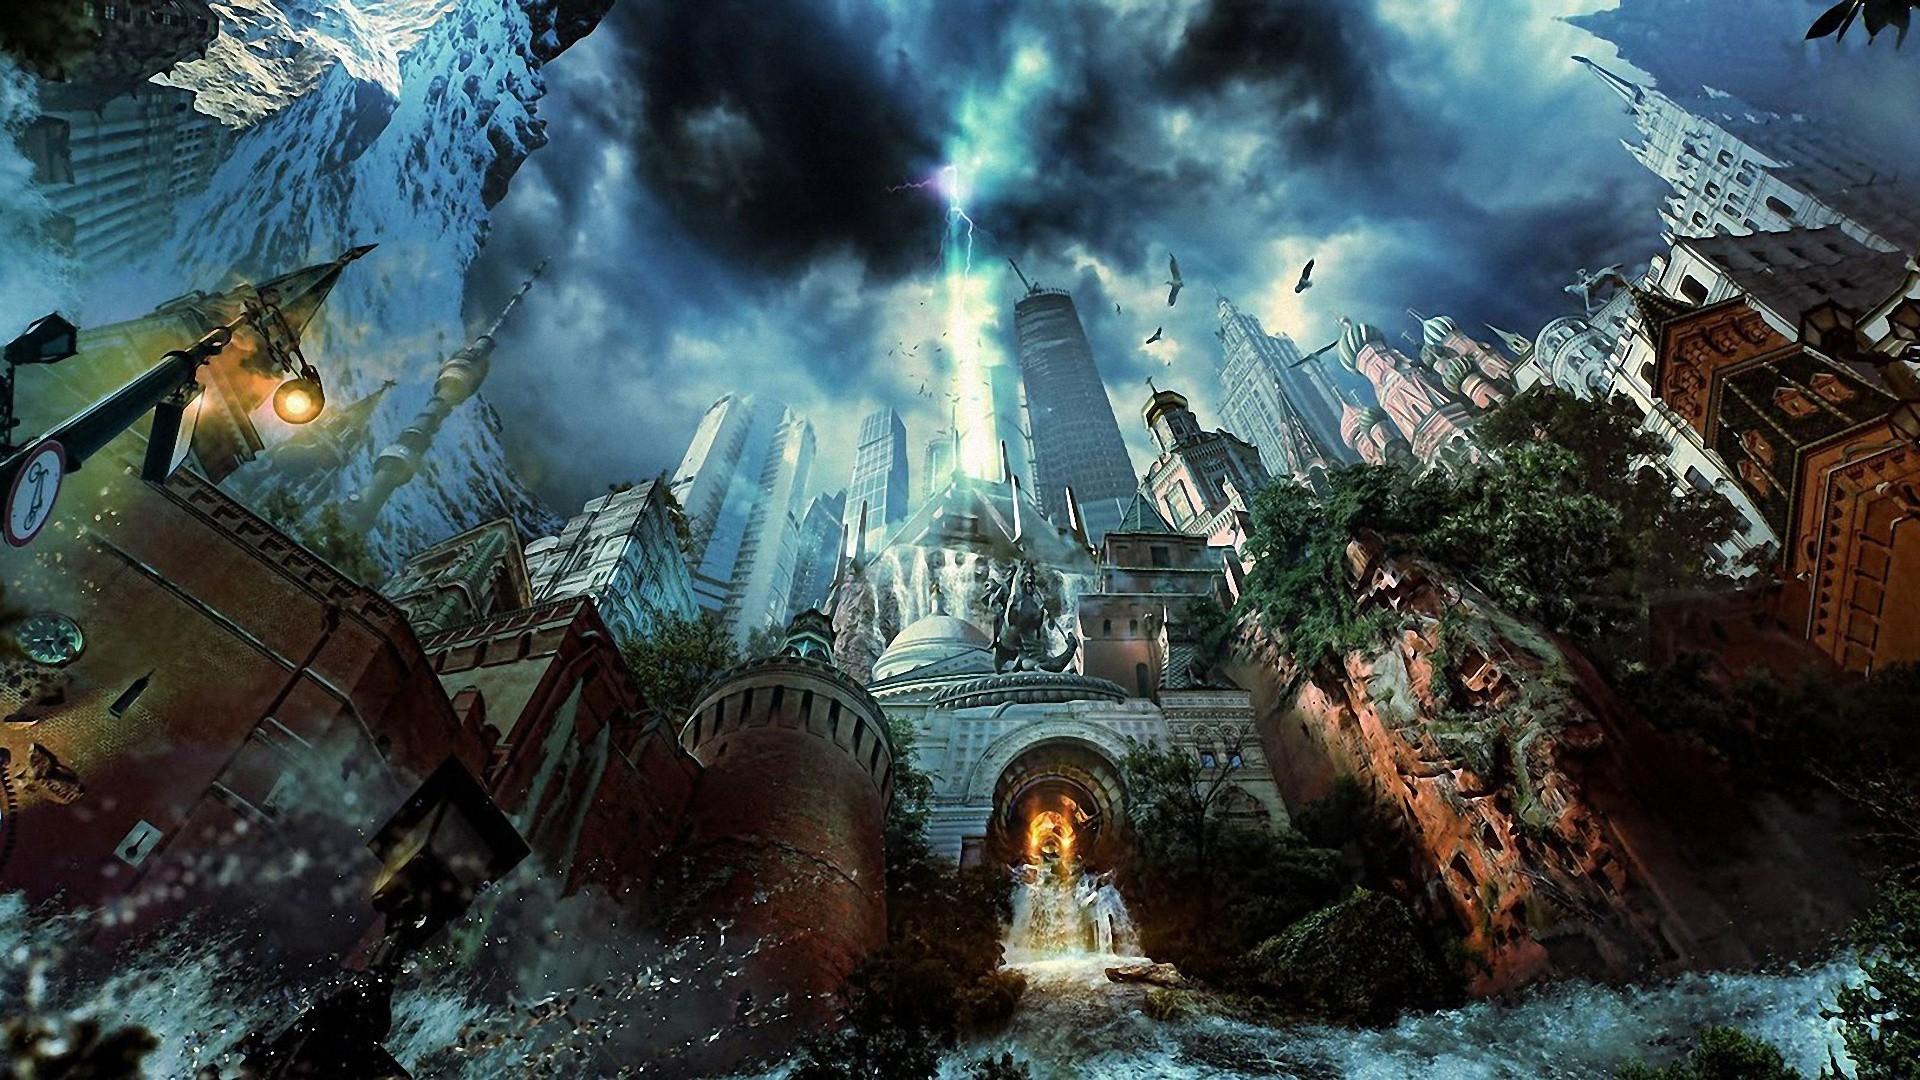 fantasy | fantasy hebus high definition desktop wallpaper download fantasy  hebus .